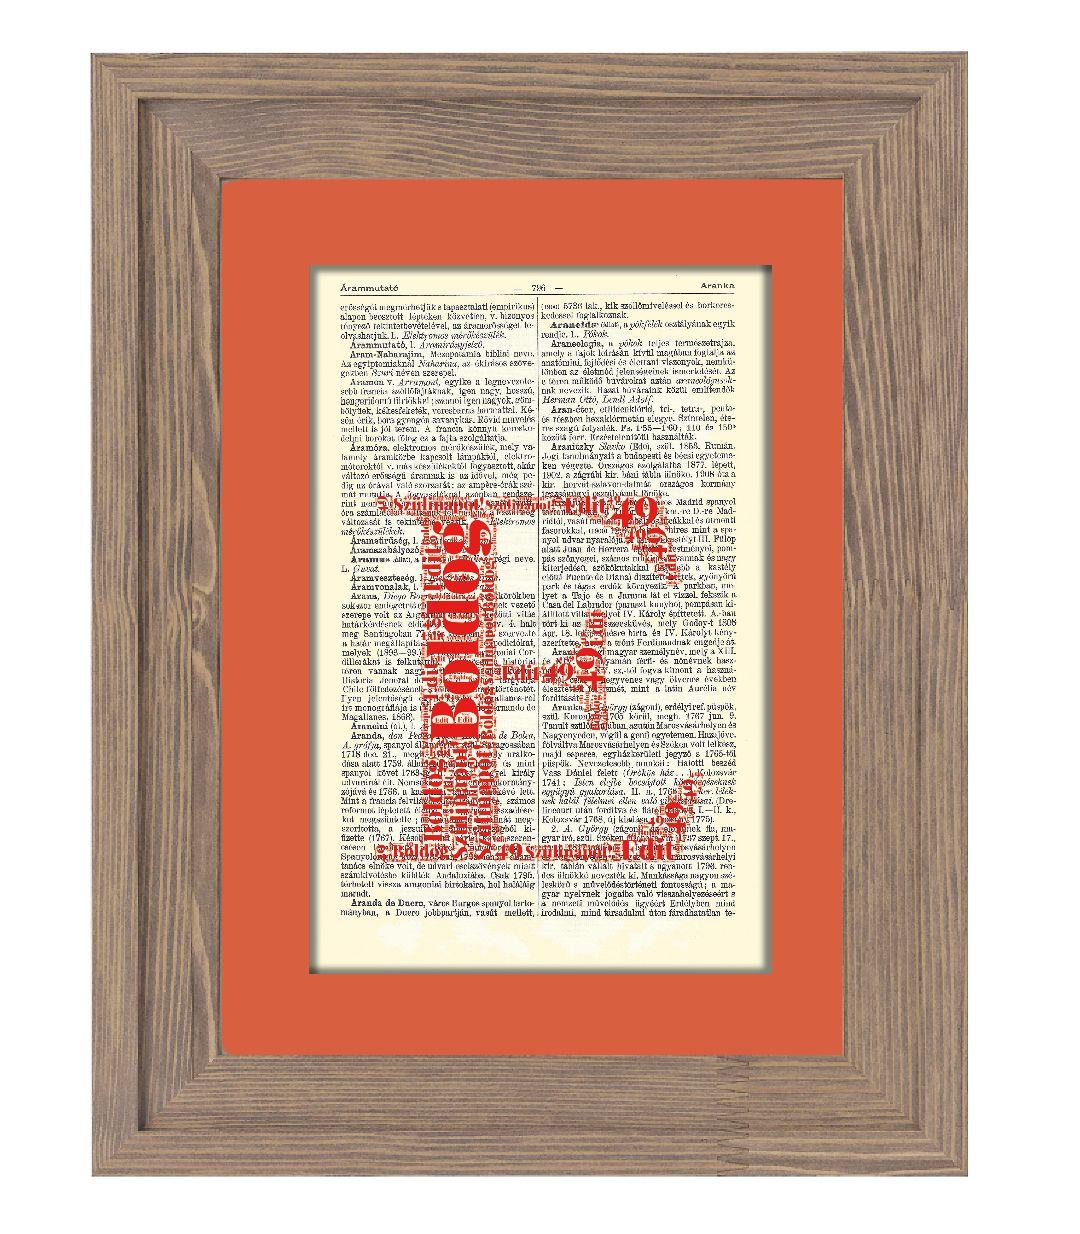 Egy betű formájában alkotott egyéni szófelhő